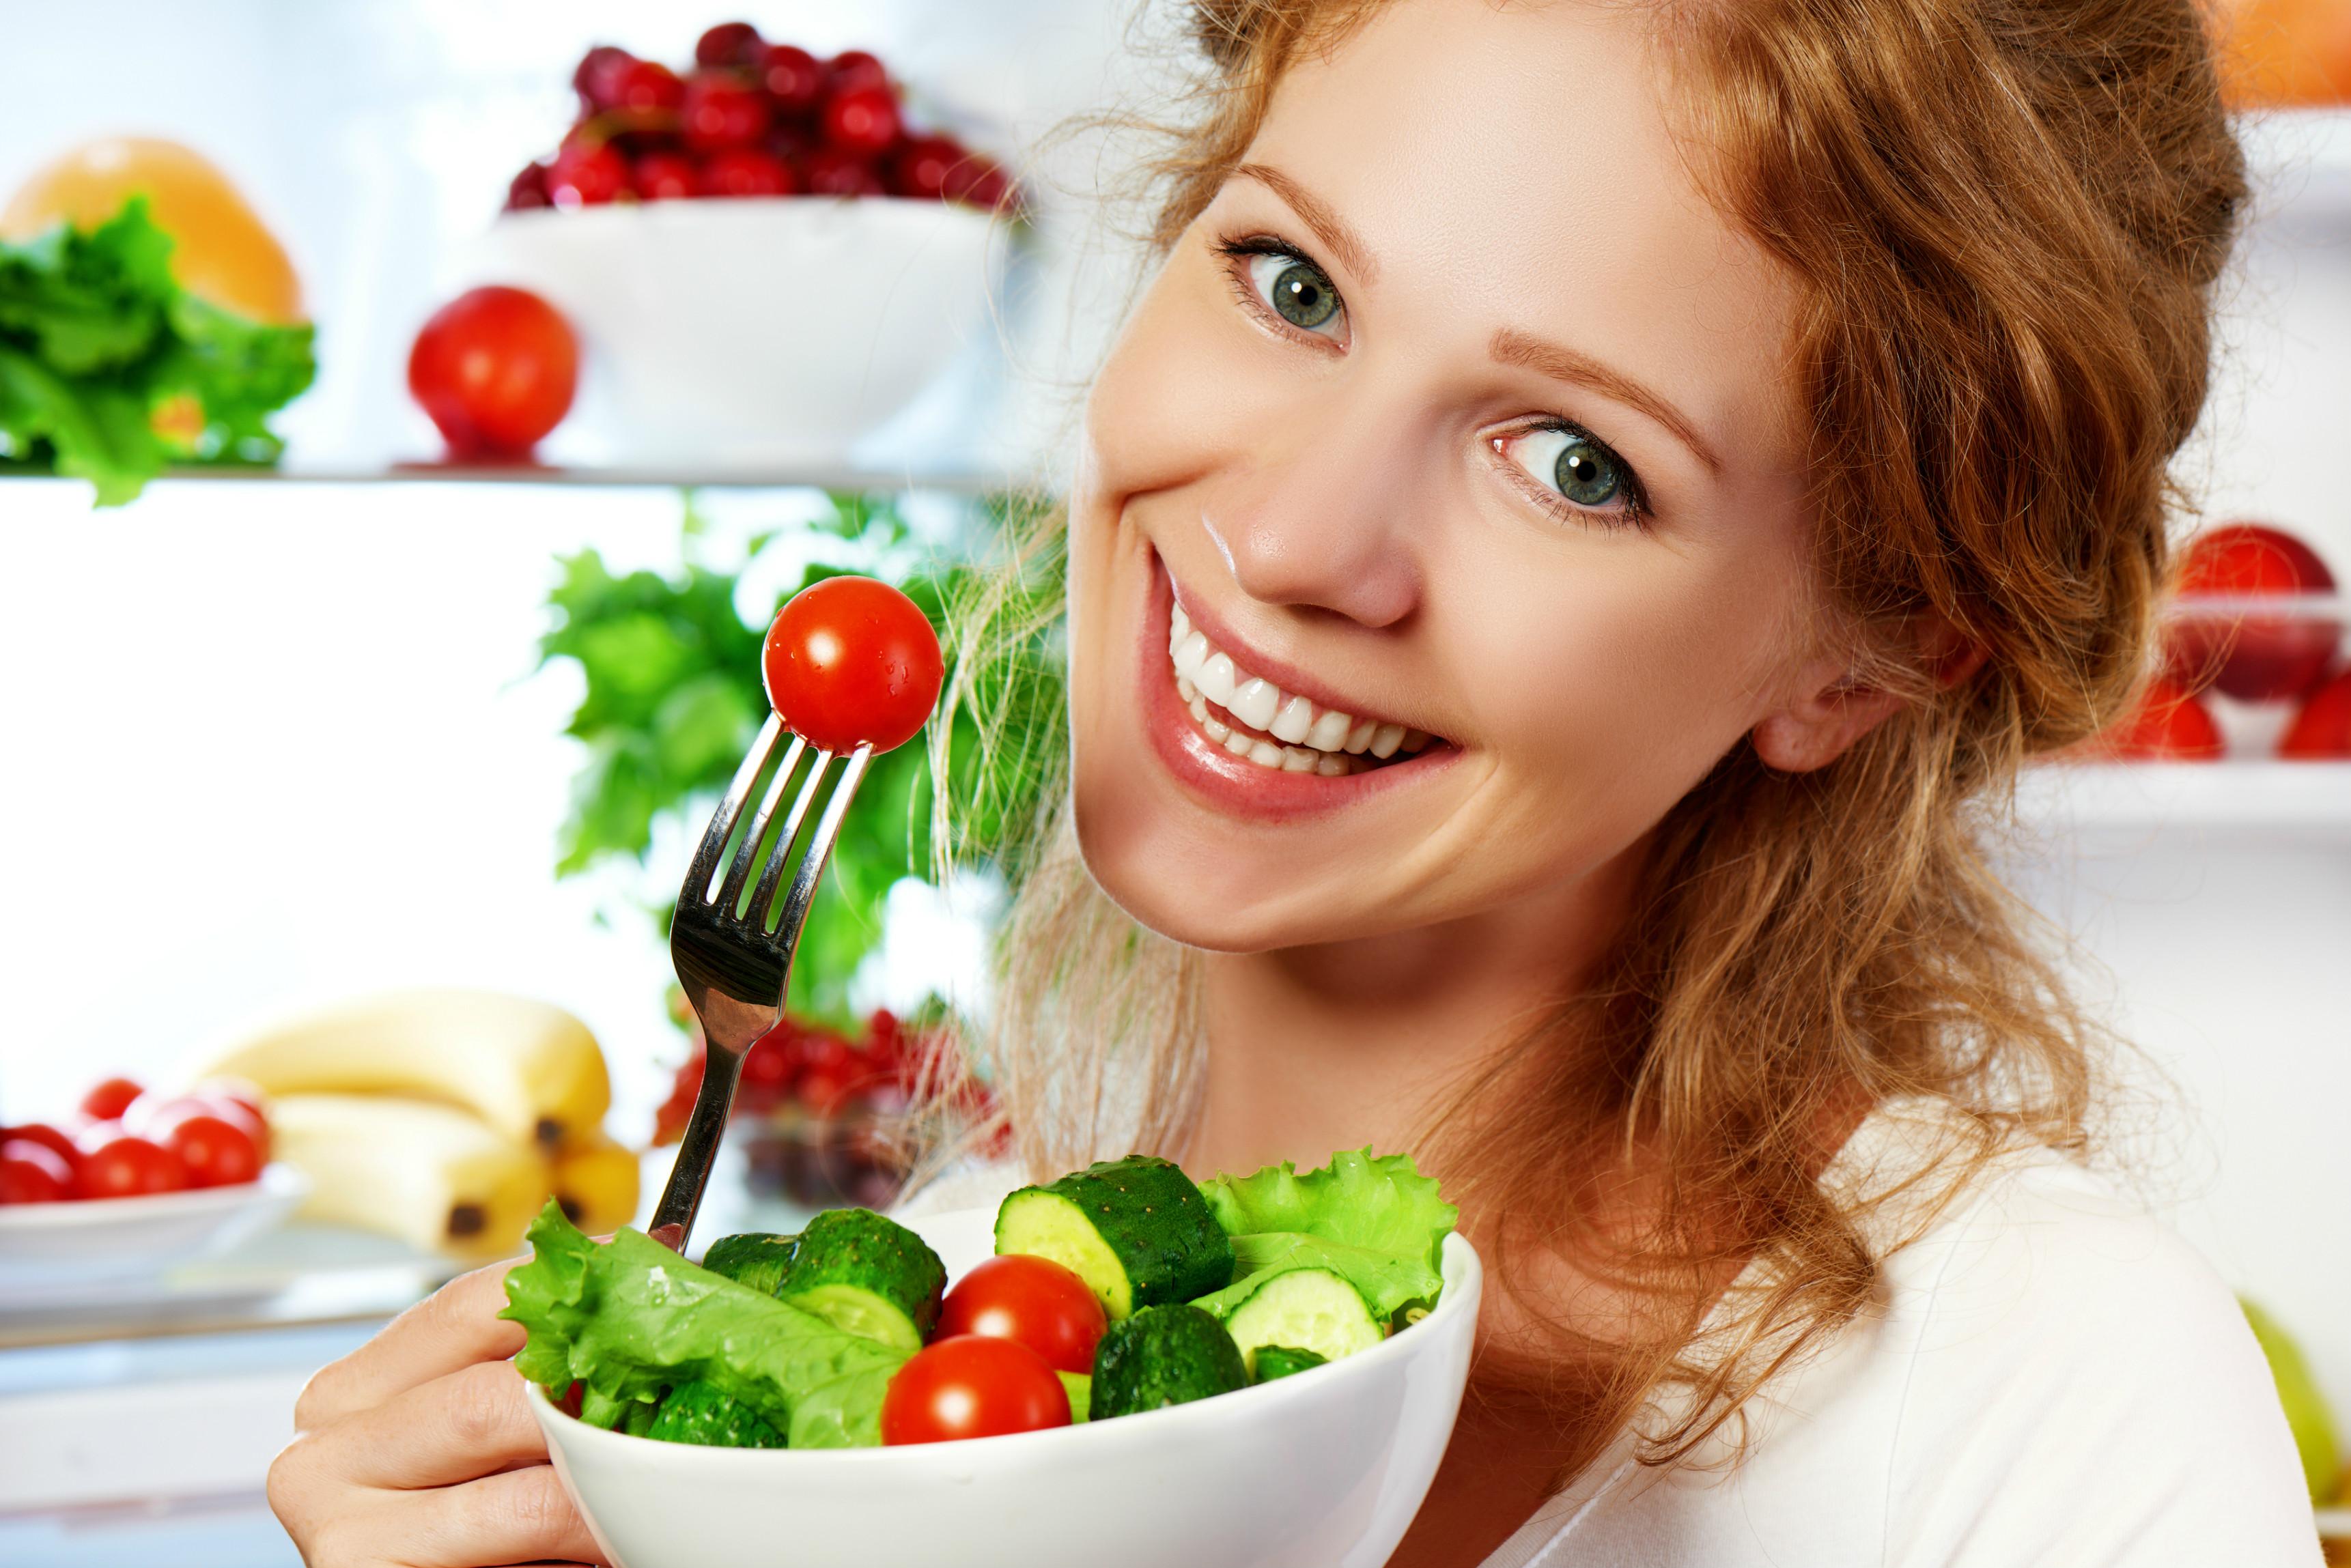 Здоровая Диета Для Людей. Правильное питание для здорового образа жизни